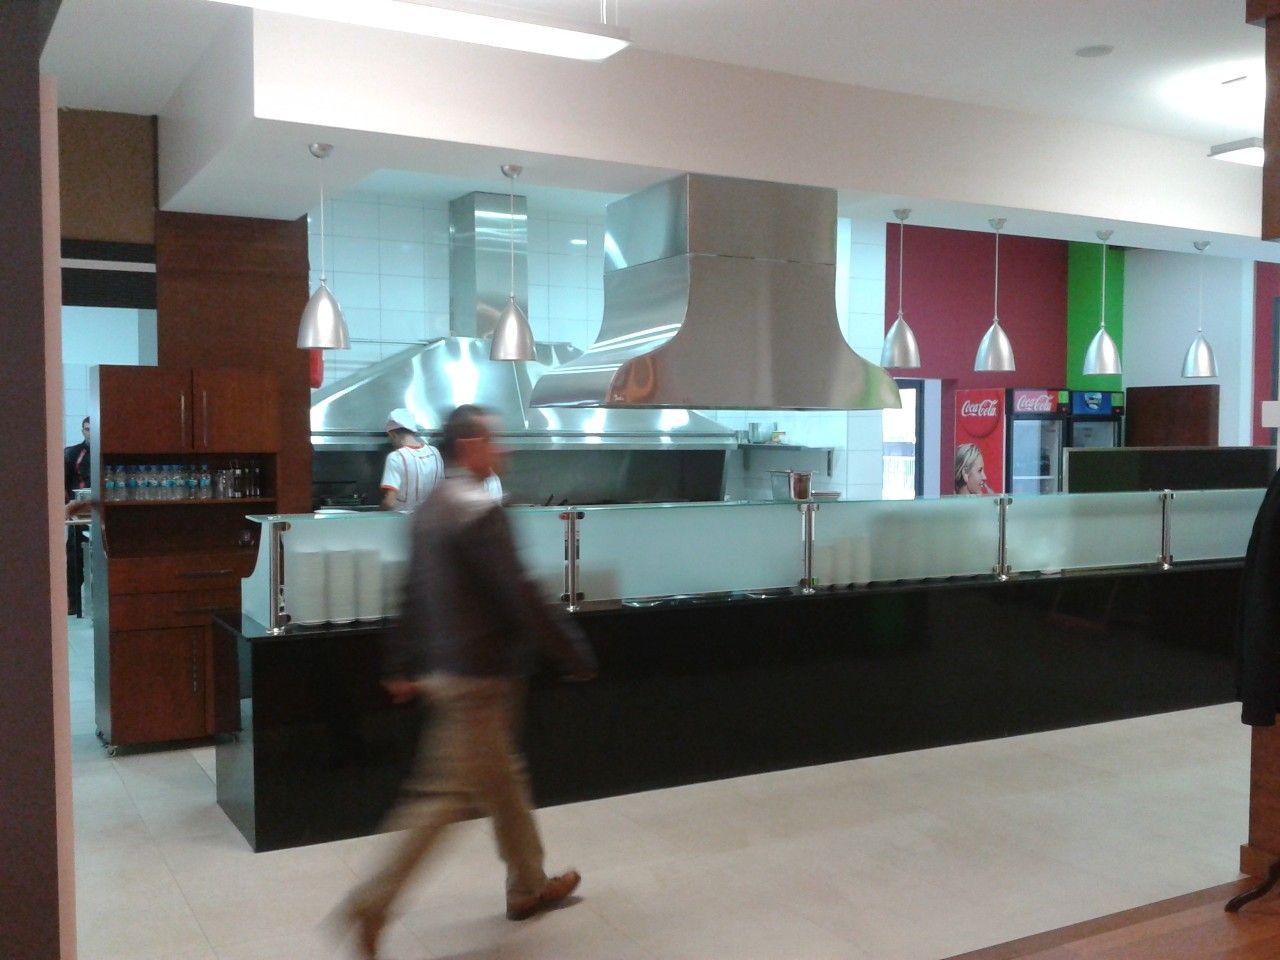 Restaurant kitchen design  ORA Restaurant Kitchen Design more info under markuswilsing